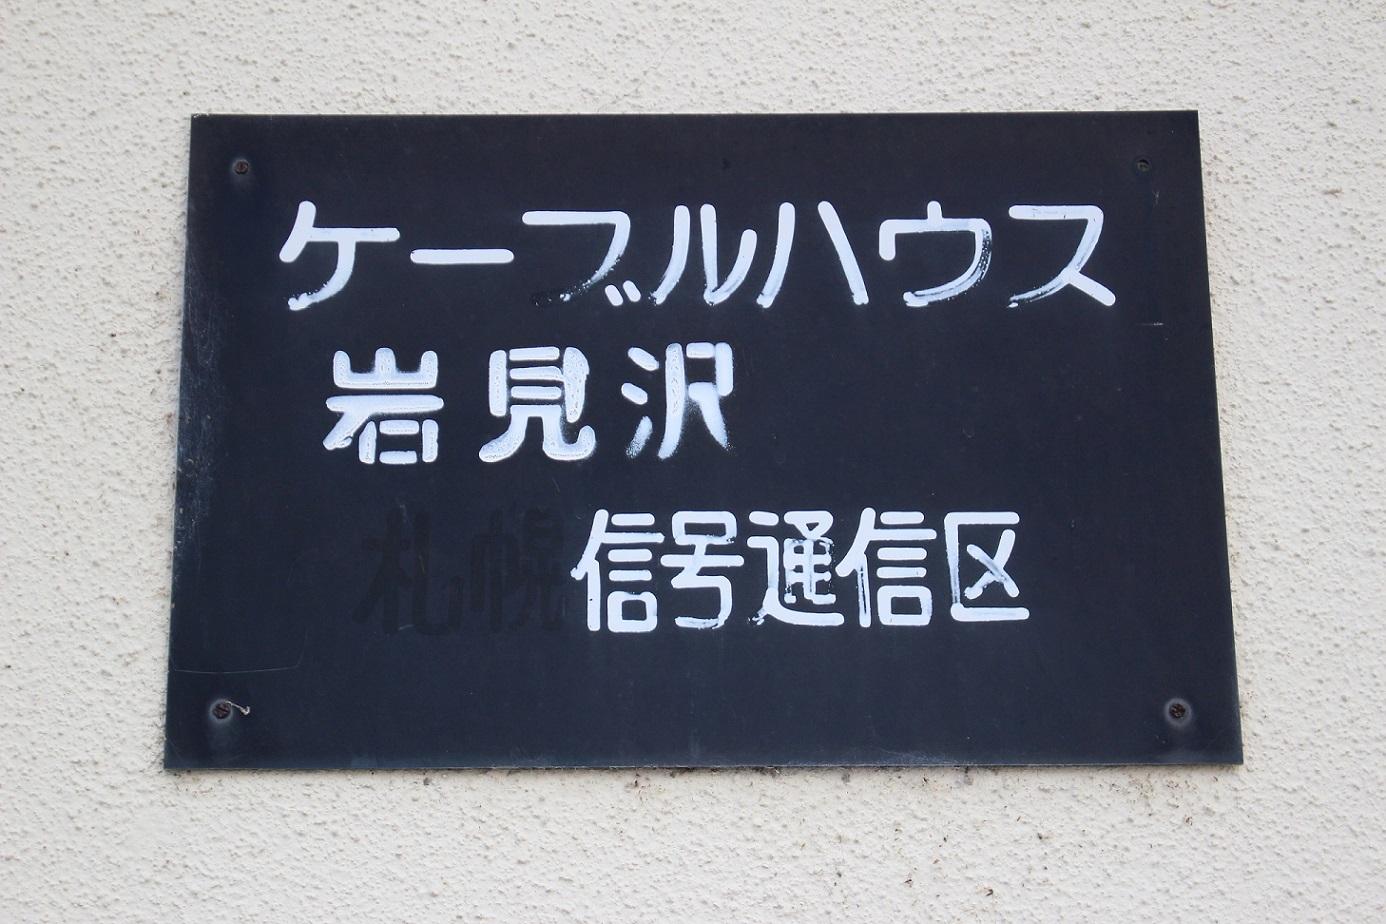 廃止2ヶ月半後の石狩月形駅a228